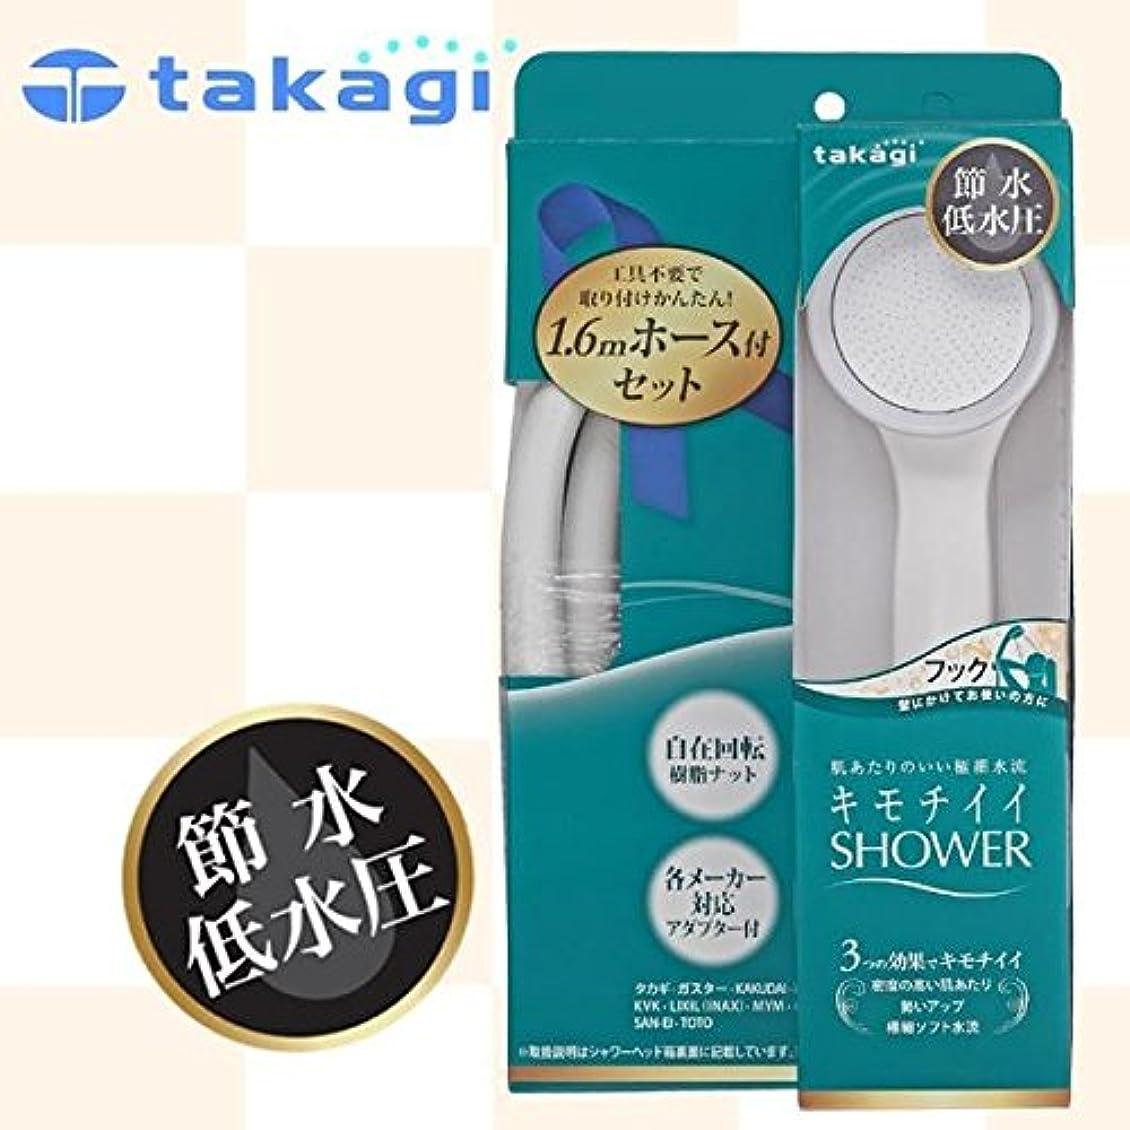 にんじん祈り動的takagi タカギ 浴室用シャワーヘッド キモチイイシャワーホースセットWT フックタイプ【同梱?代引不可】